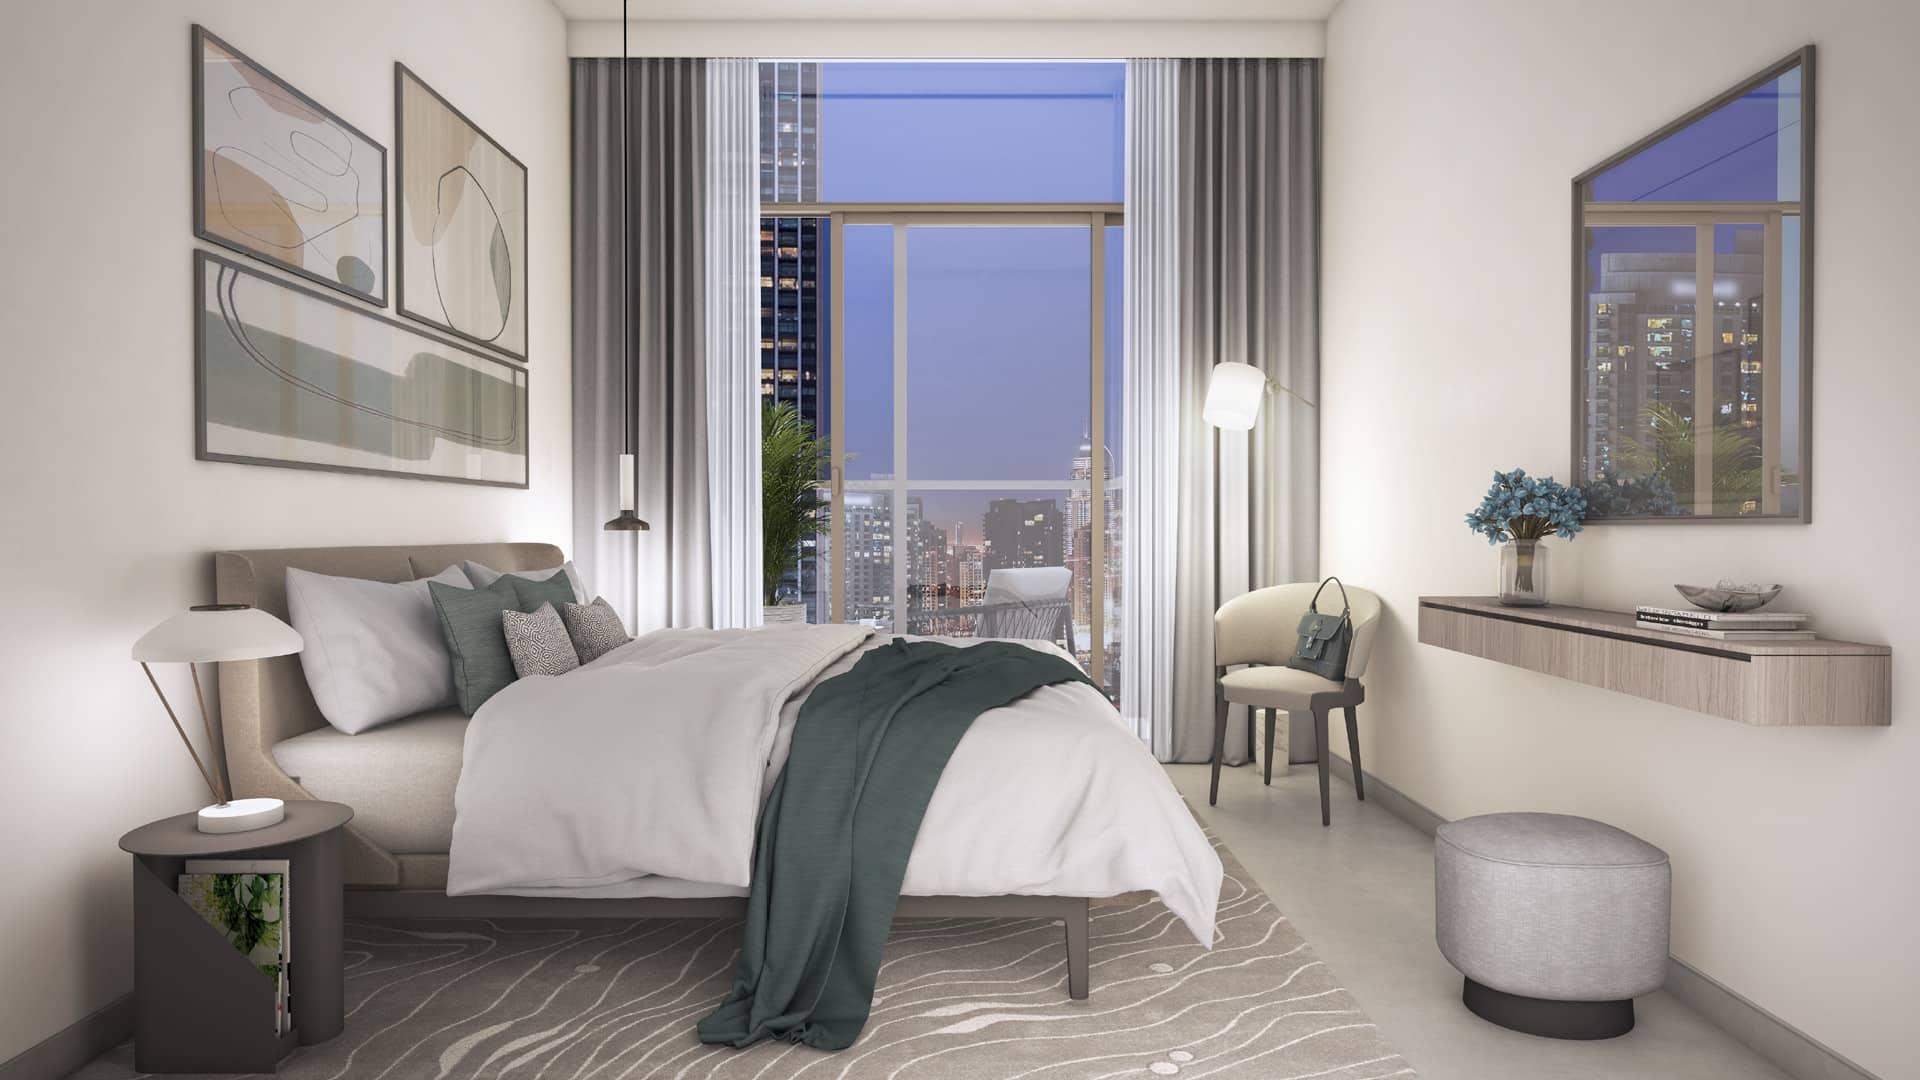 Apartment for sale in Dubai, UAE, 3 bedrooms, 126 m2, No. 24271 – photo 1